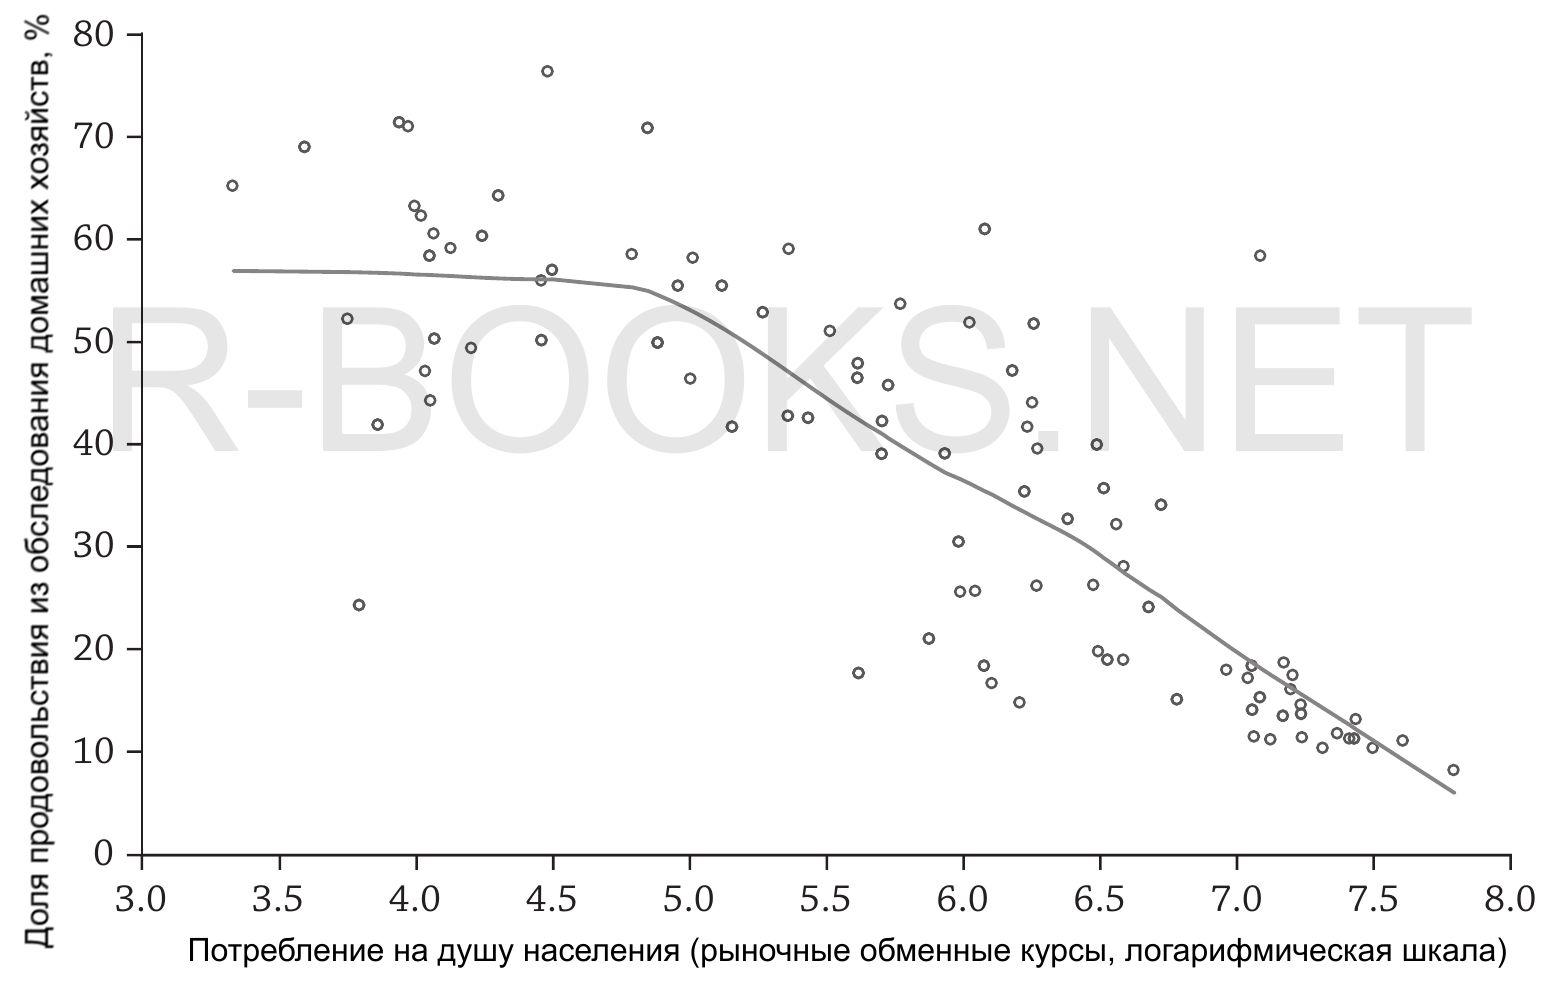 Эмпирическая кривая Энгеля для продовольствия в разных странах